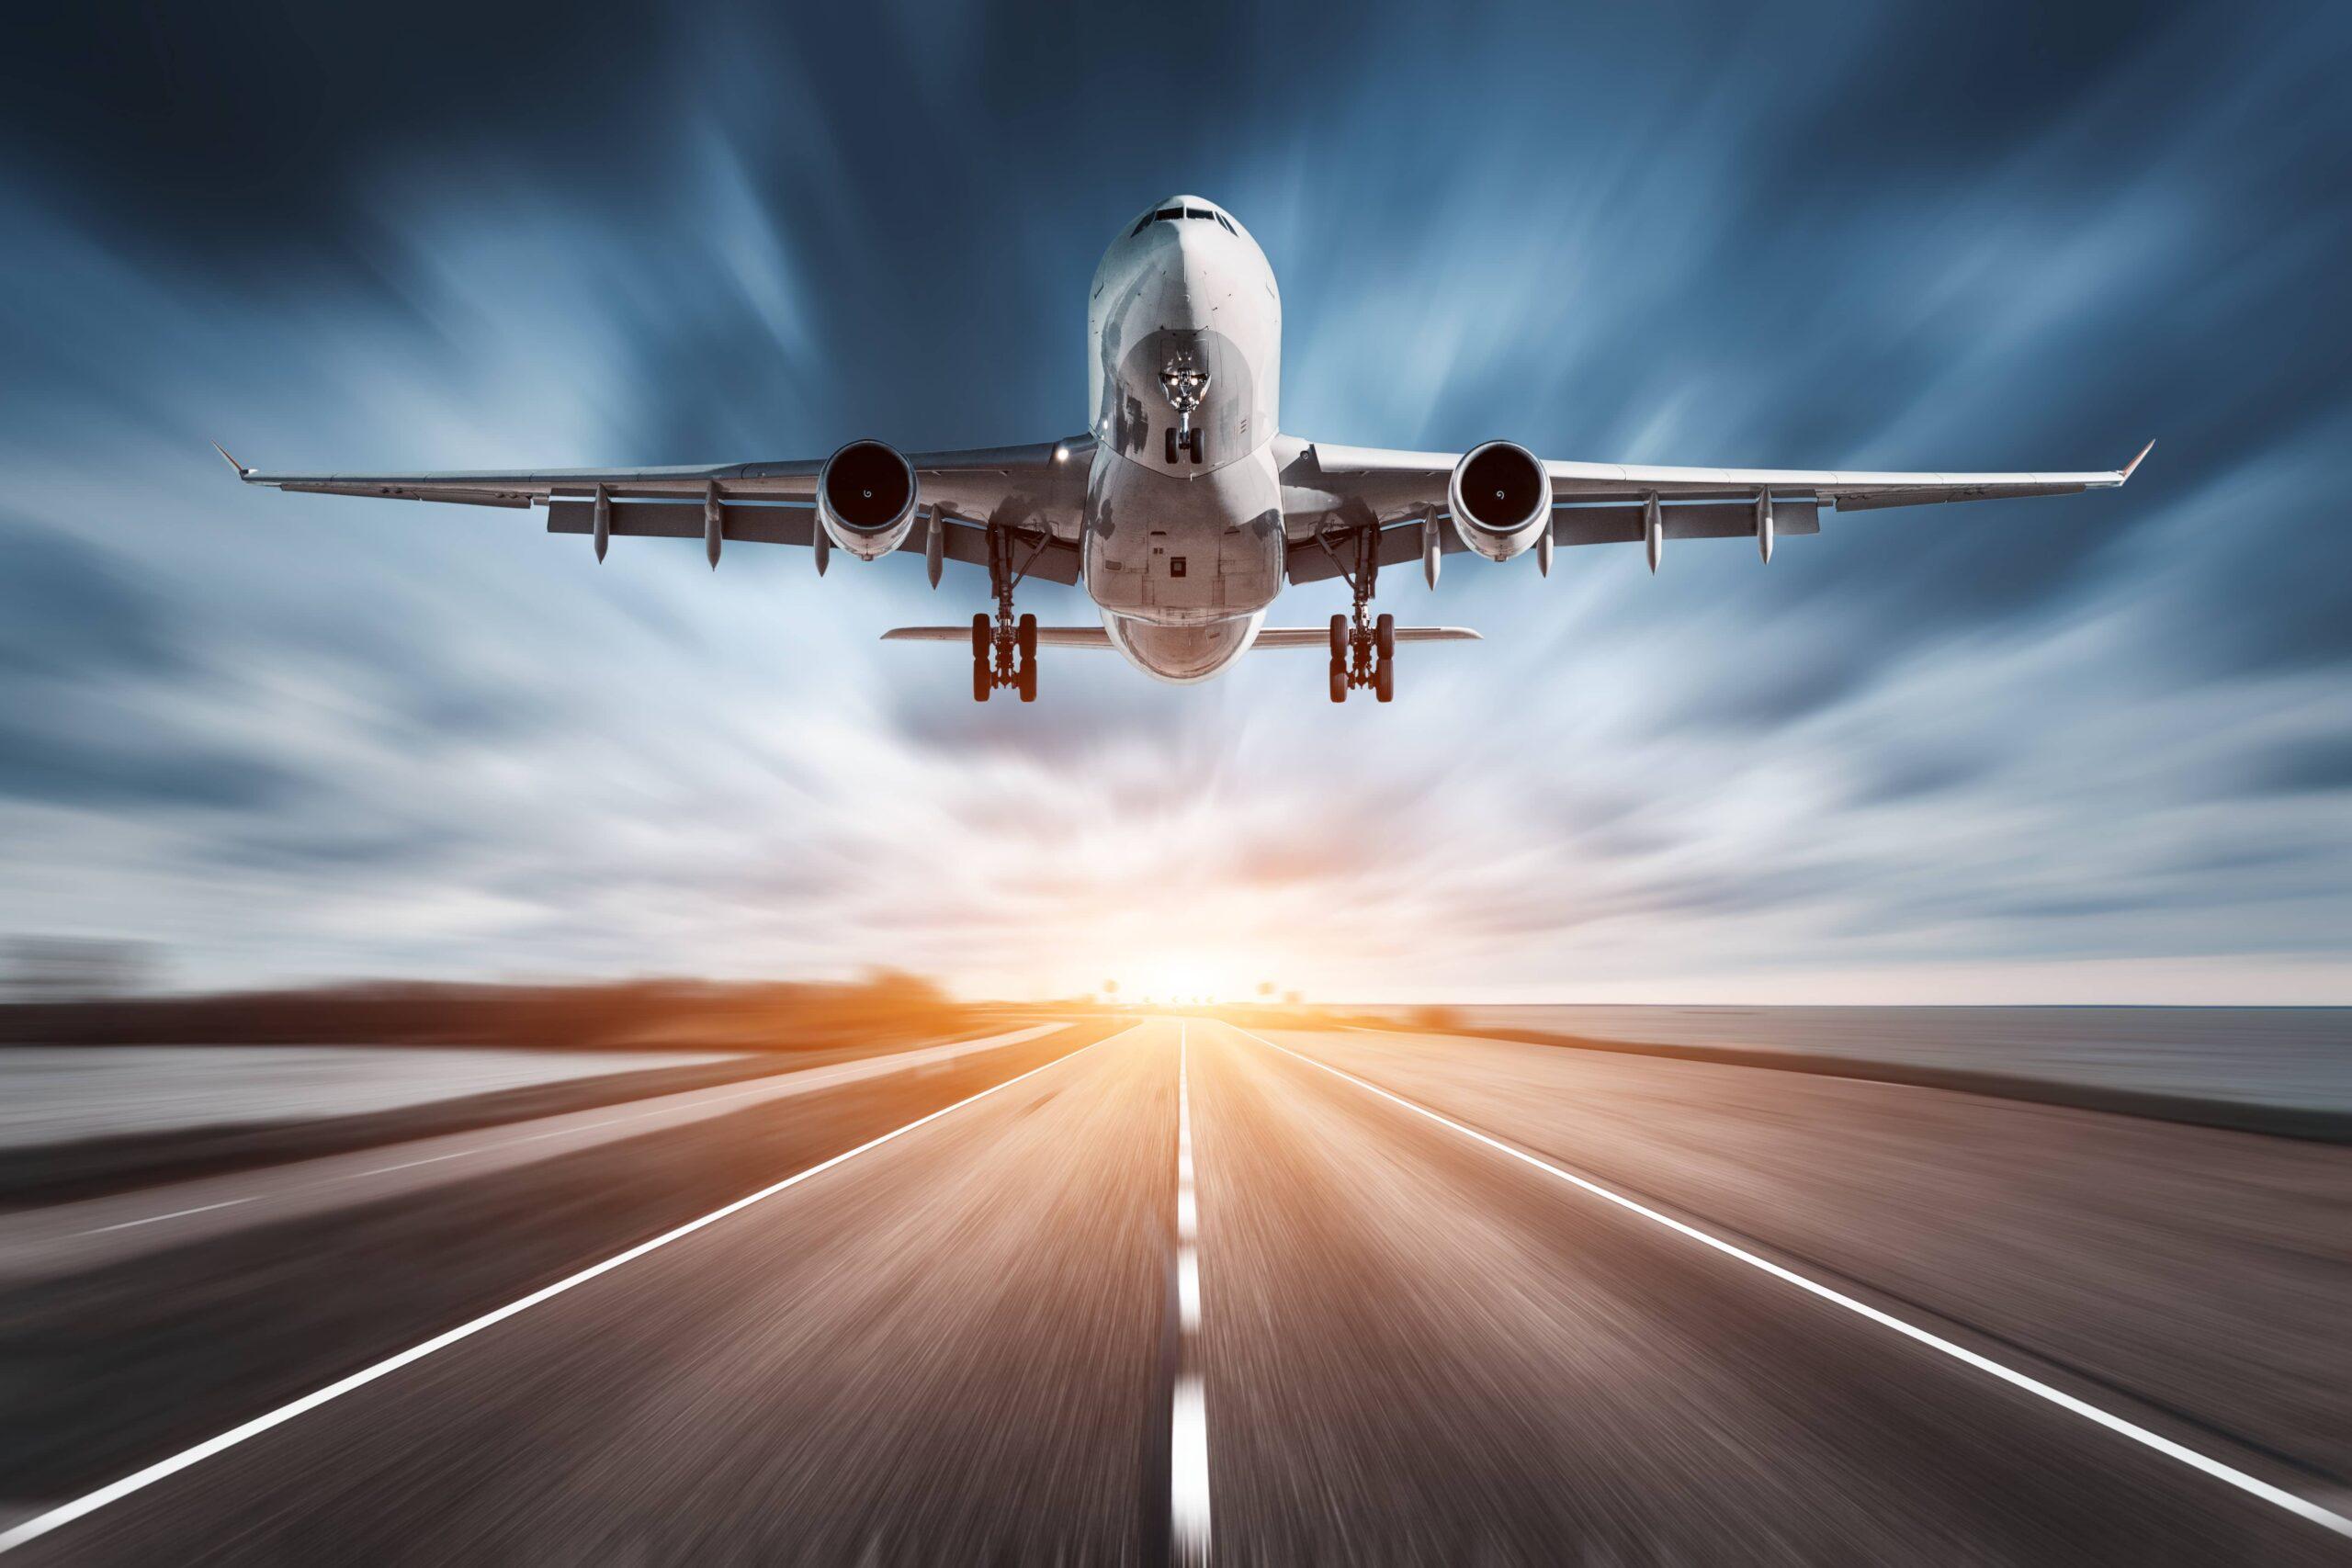 Airplane taking flight